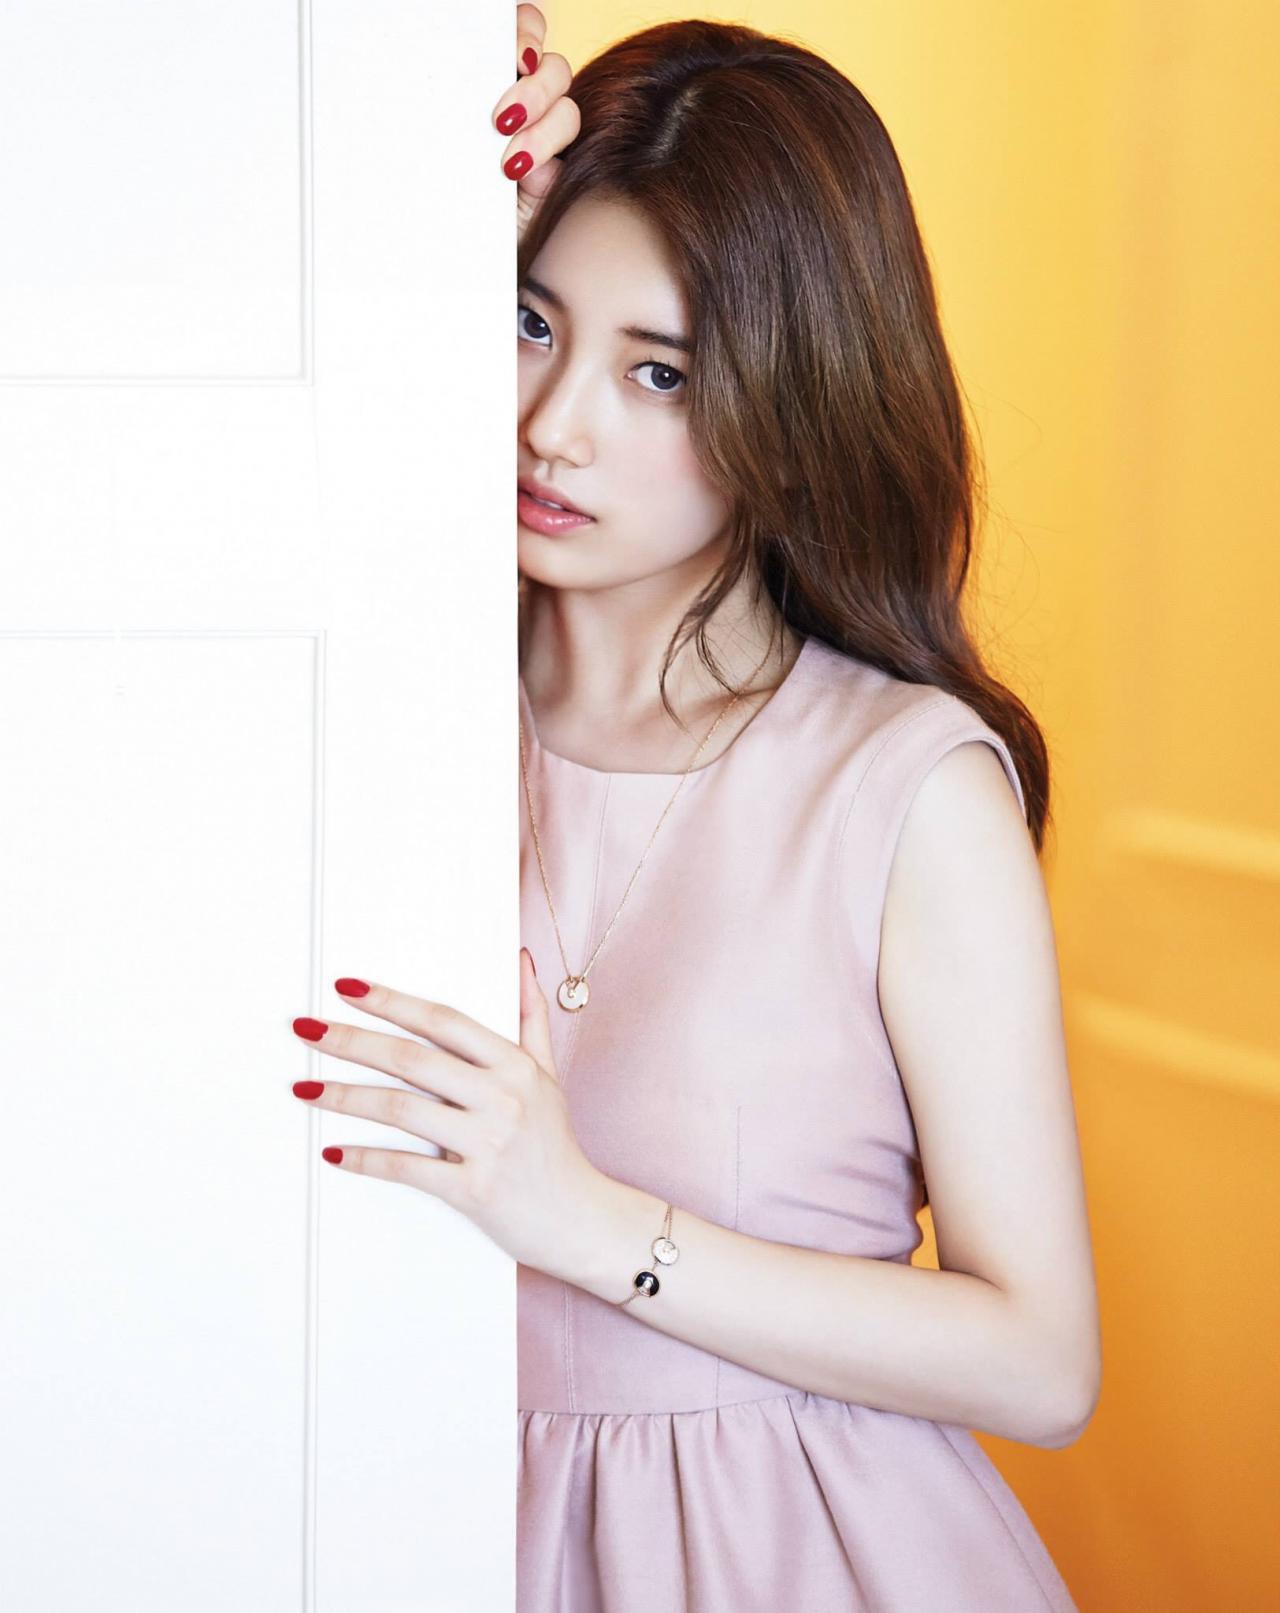 صور بنات كوريات كشخه , اجمل البنات الكوريات